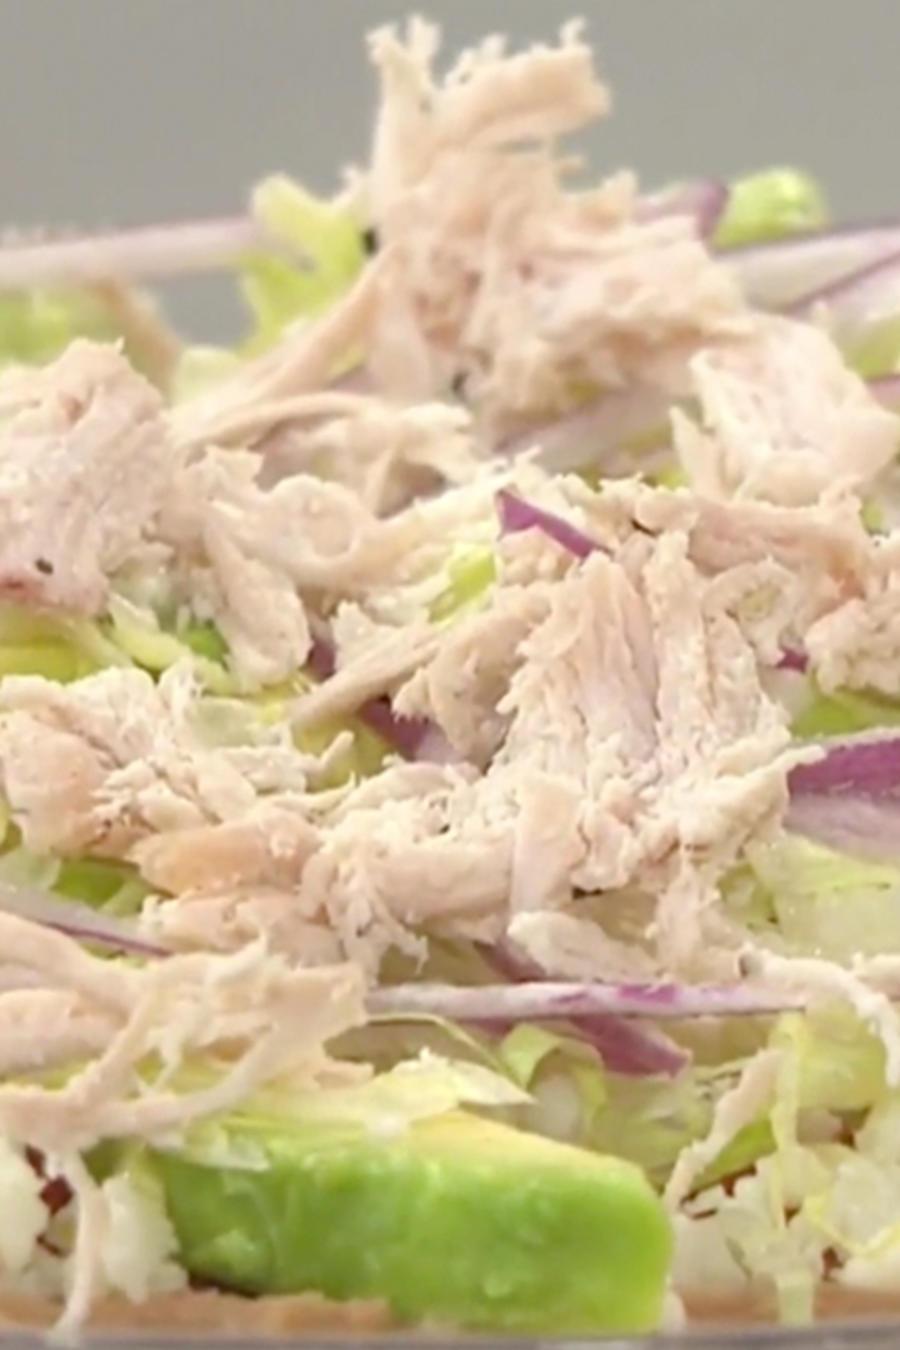 Recetas de cocina: Descubre cómo hacer una deliciosa Tlayuda con Pollo